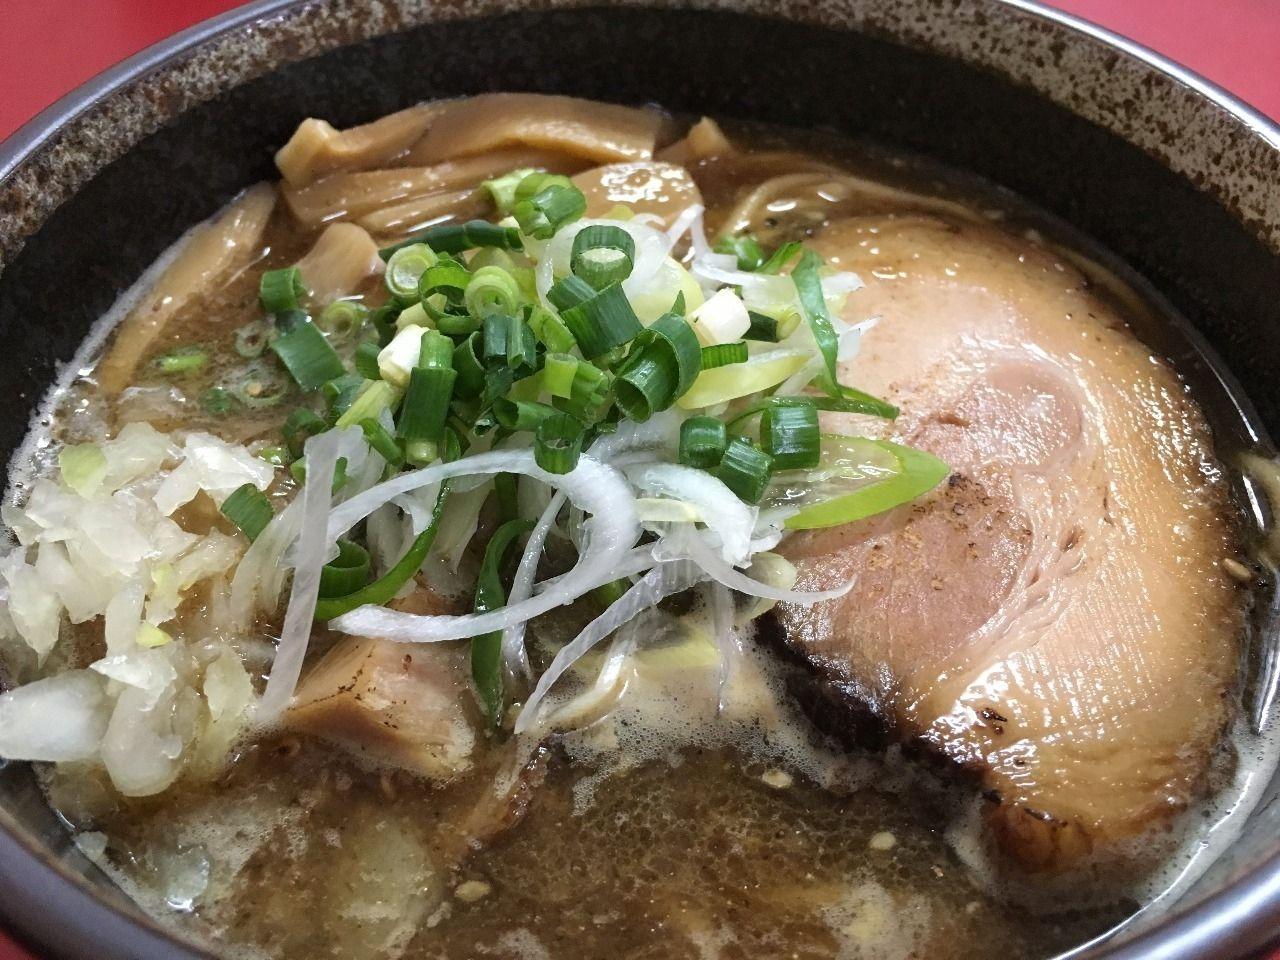 自家製麺 義匠 森田製麺所さんの魚介麺は魚介の旨みがあります!